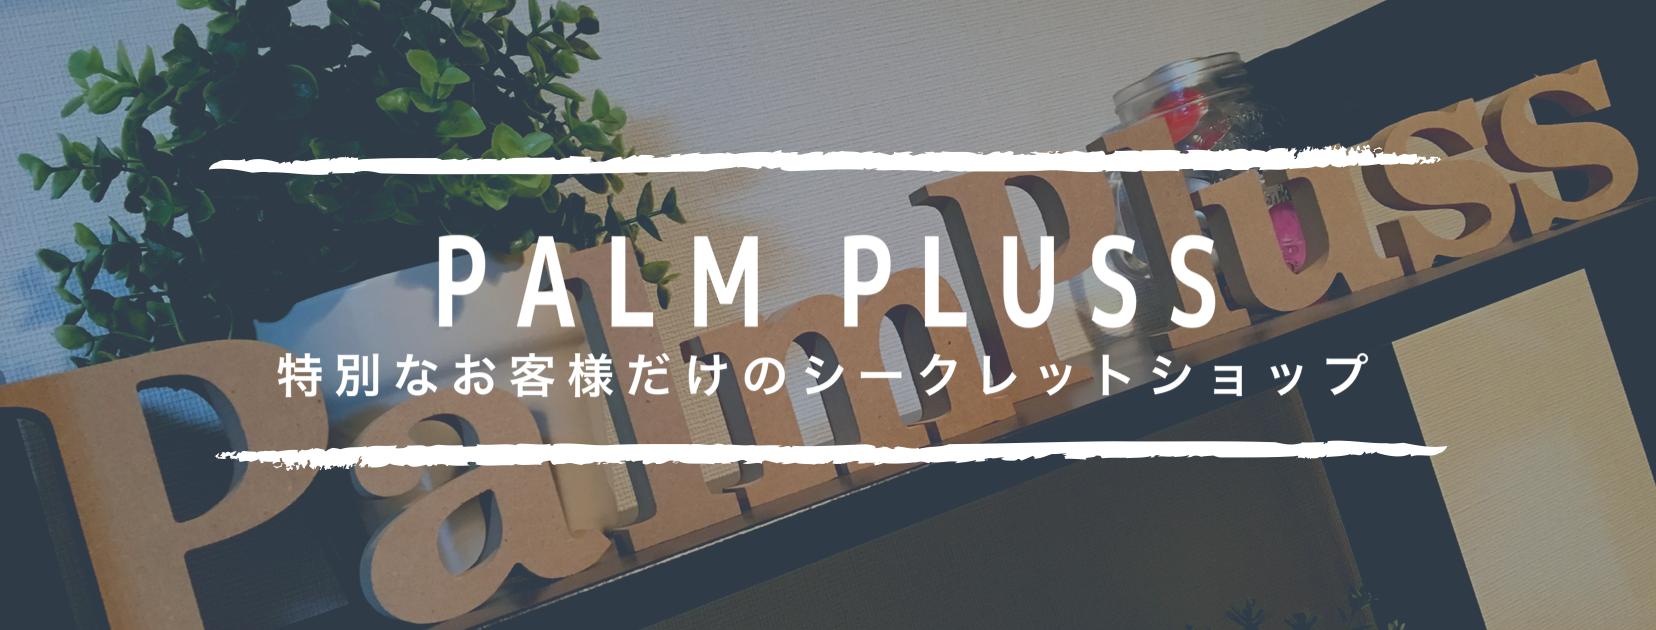 palm pluss